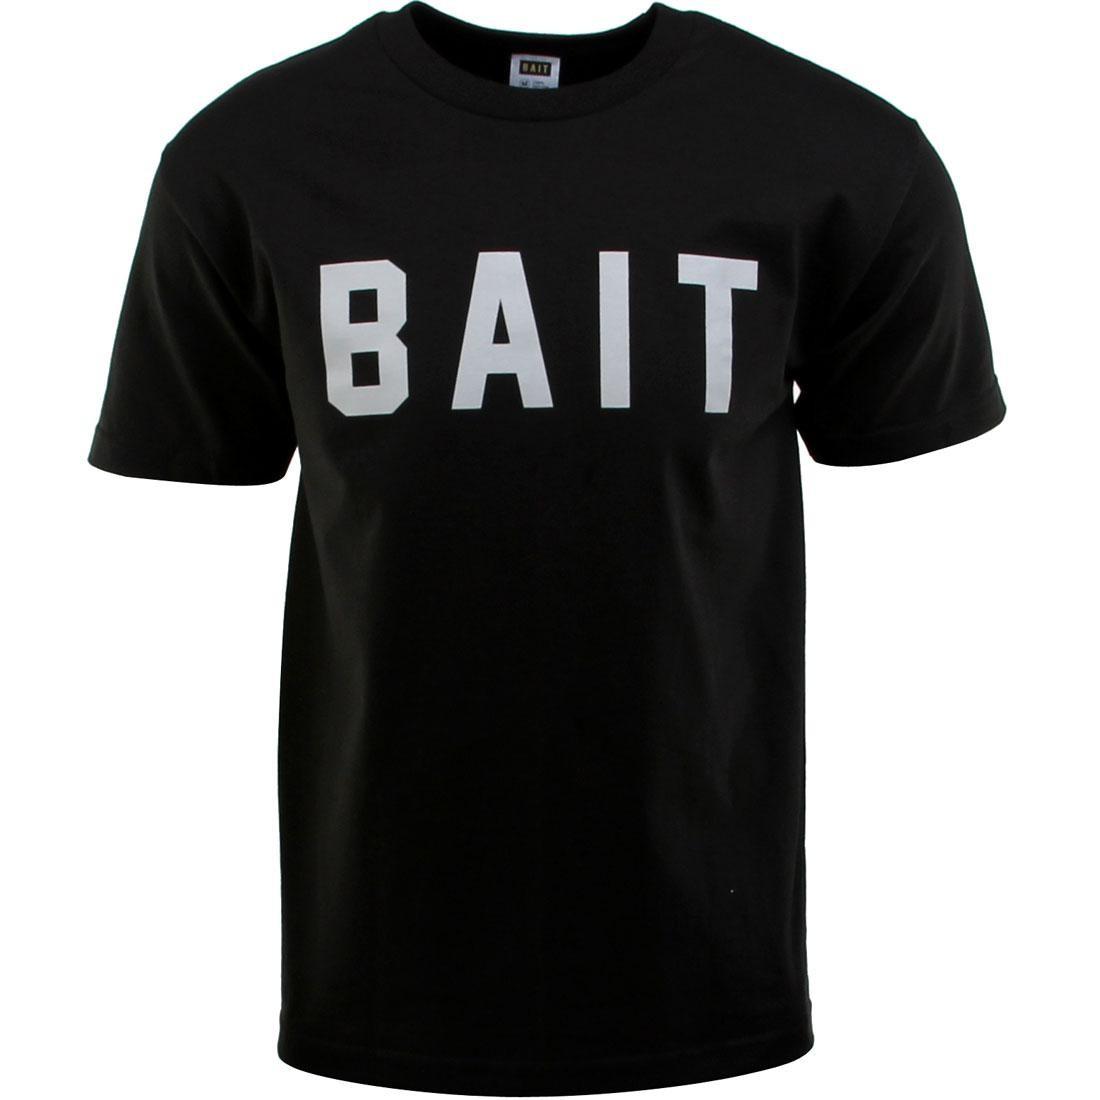 ベイト BAIT ロゴ Tシャツ 黒 ブラック 灰色 グレー グレイ 【 BLACK GRAY BAIT LOGO TEE 】 メンズファッション トップス Tシャツ カットソー